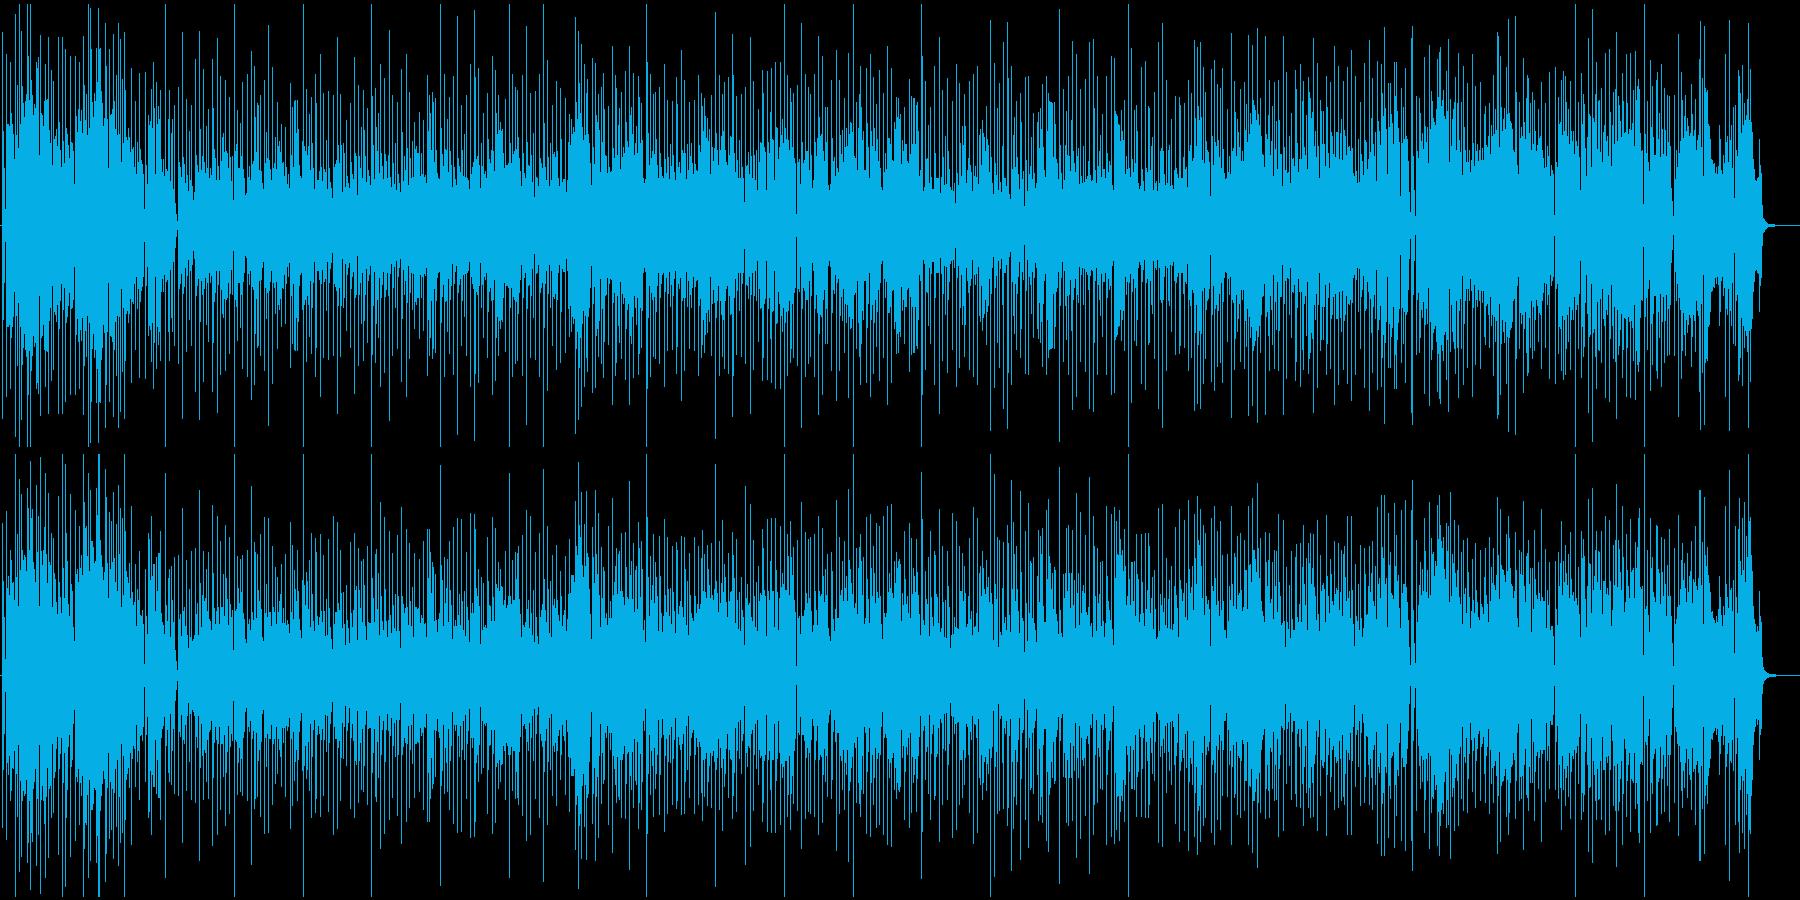 クラリネット生演奏のシャッフル系の再生済みの波形